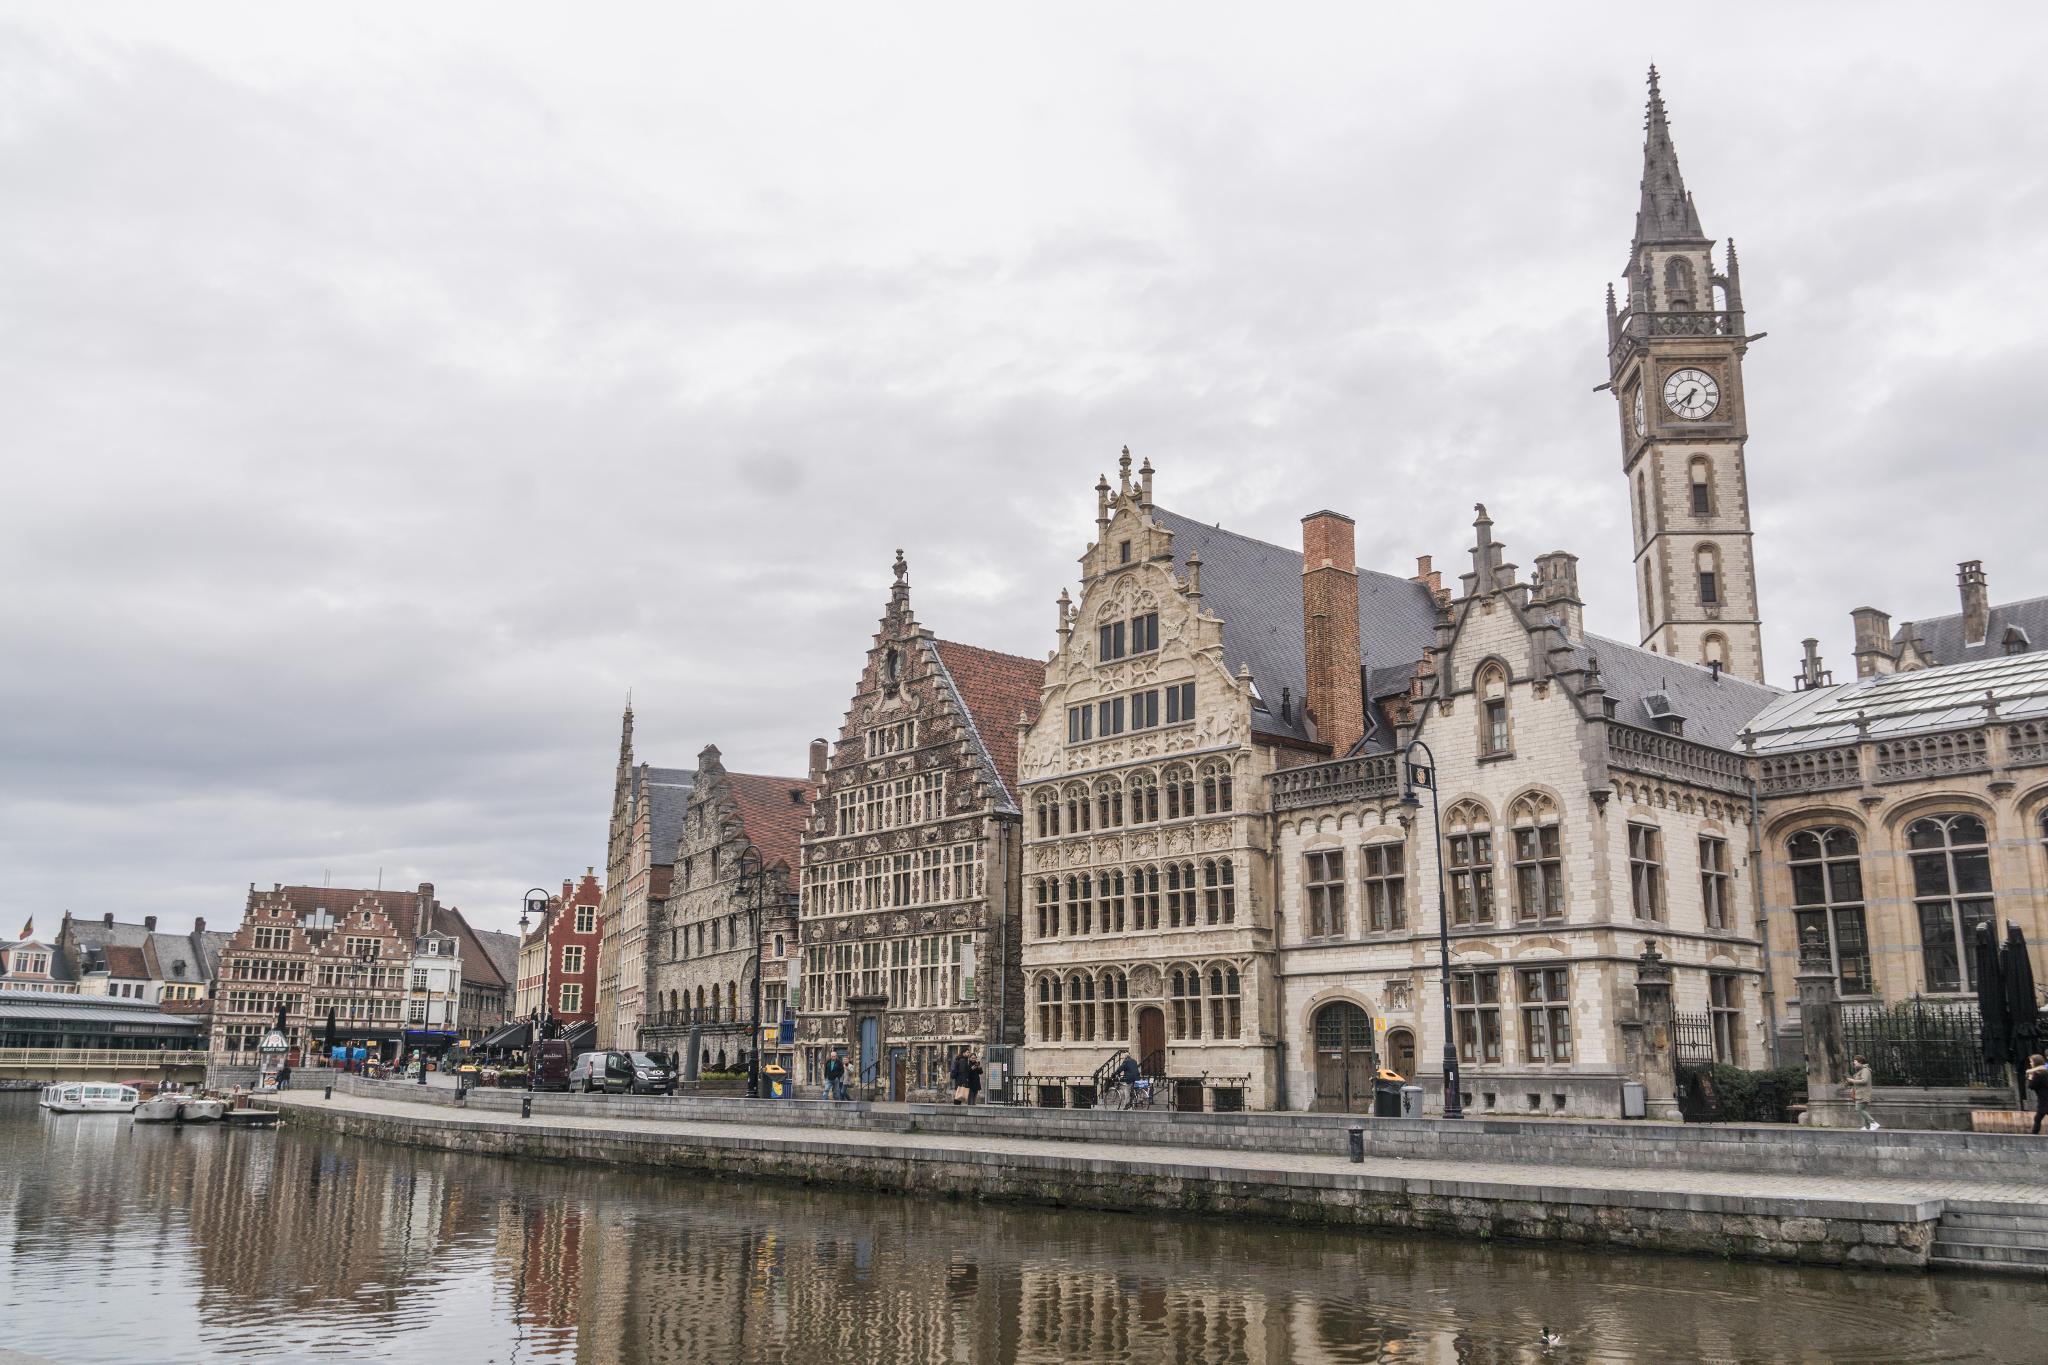 【比利時】穿梭中世紀的大城小事 — 比利時根特 (Ghent) 散步景點總整理 95